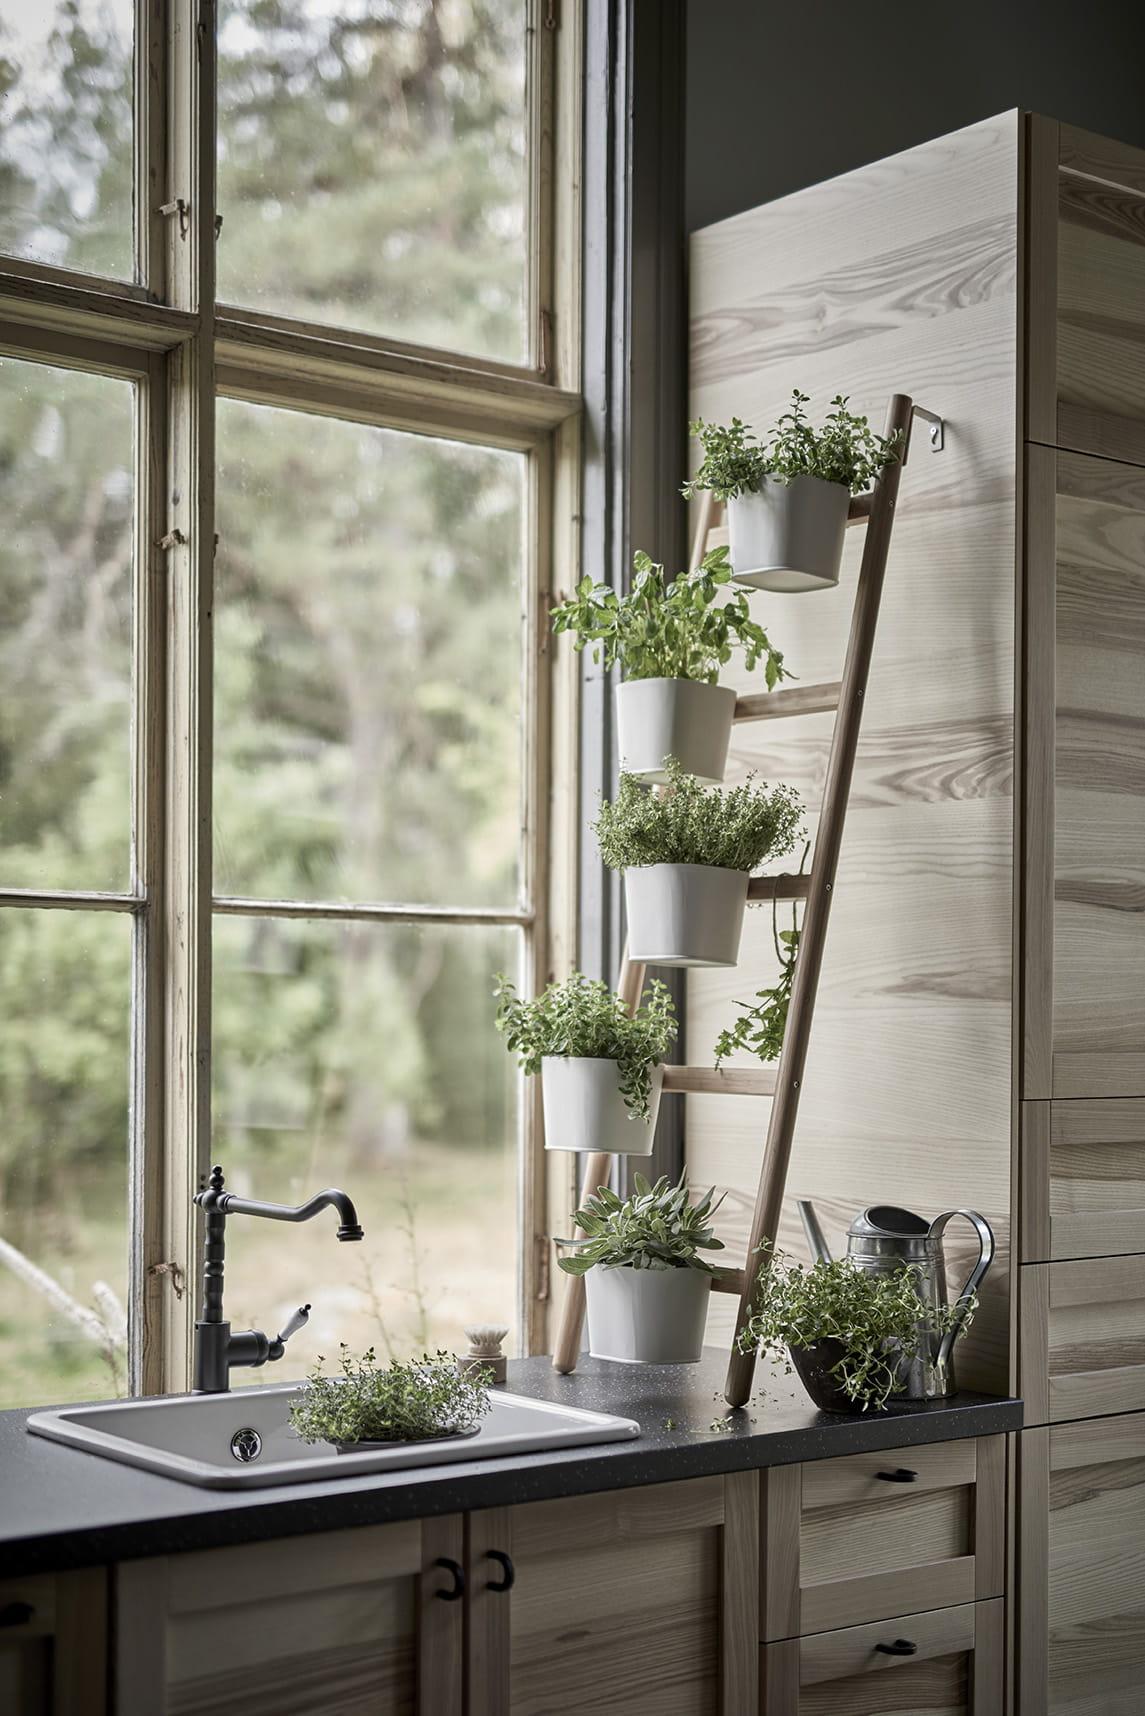 Bac A Plantes Aromatiques dedans coup de c�ur : les supports pour plantes satsumas d'ikea